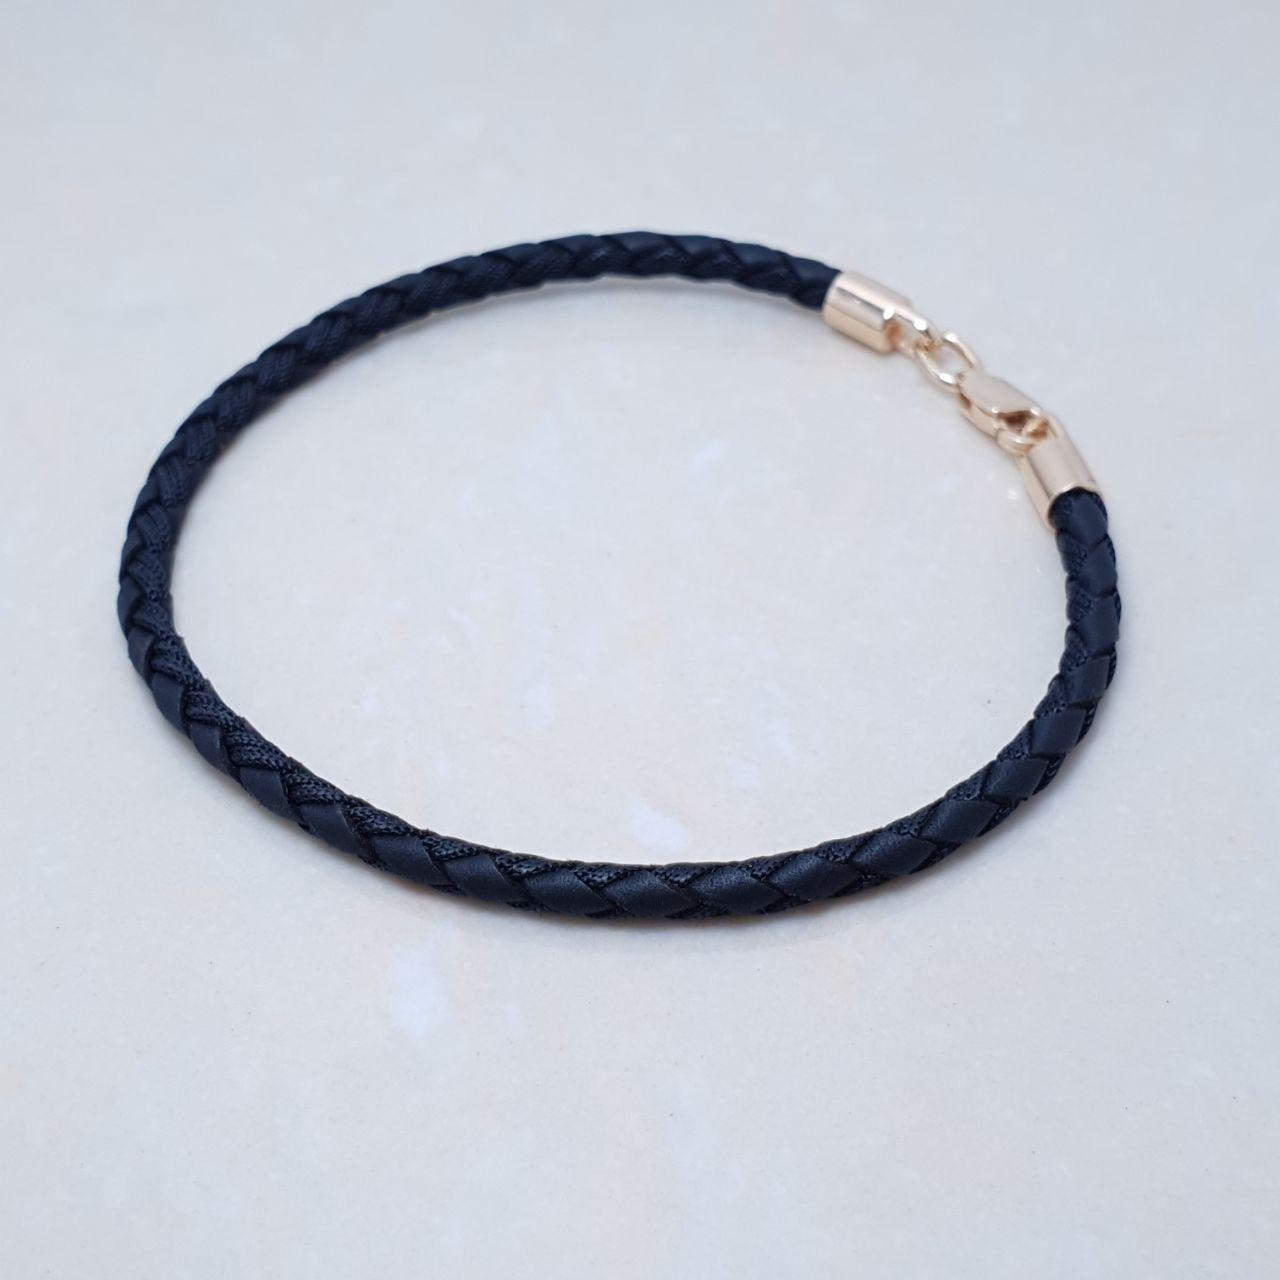 Іміджевий браслет на натуральному чорній шкіряній мотузці з шовком, срібло 925, червоне золото - якість ТОП!!